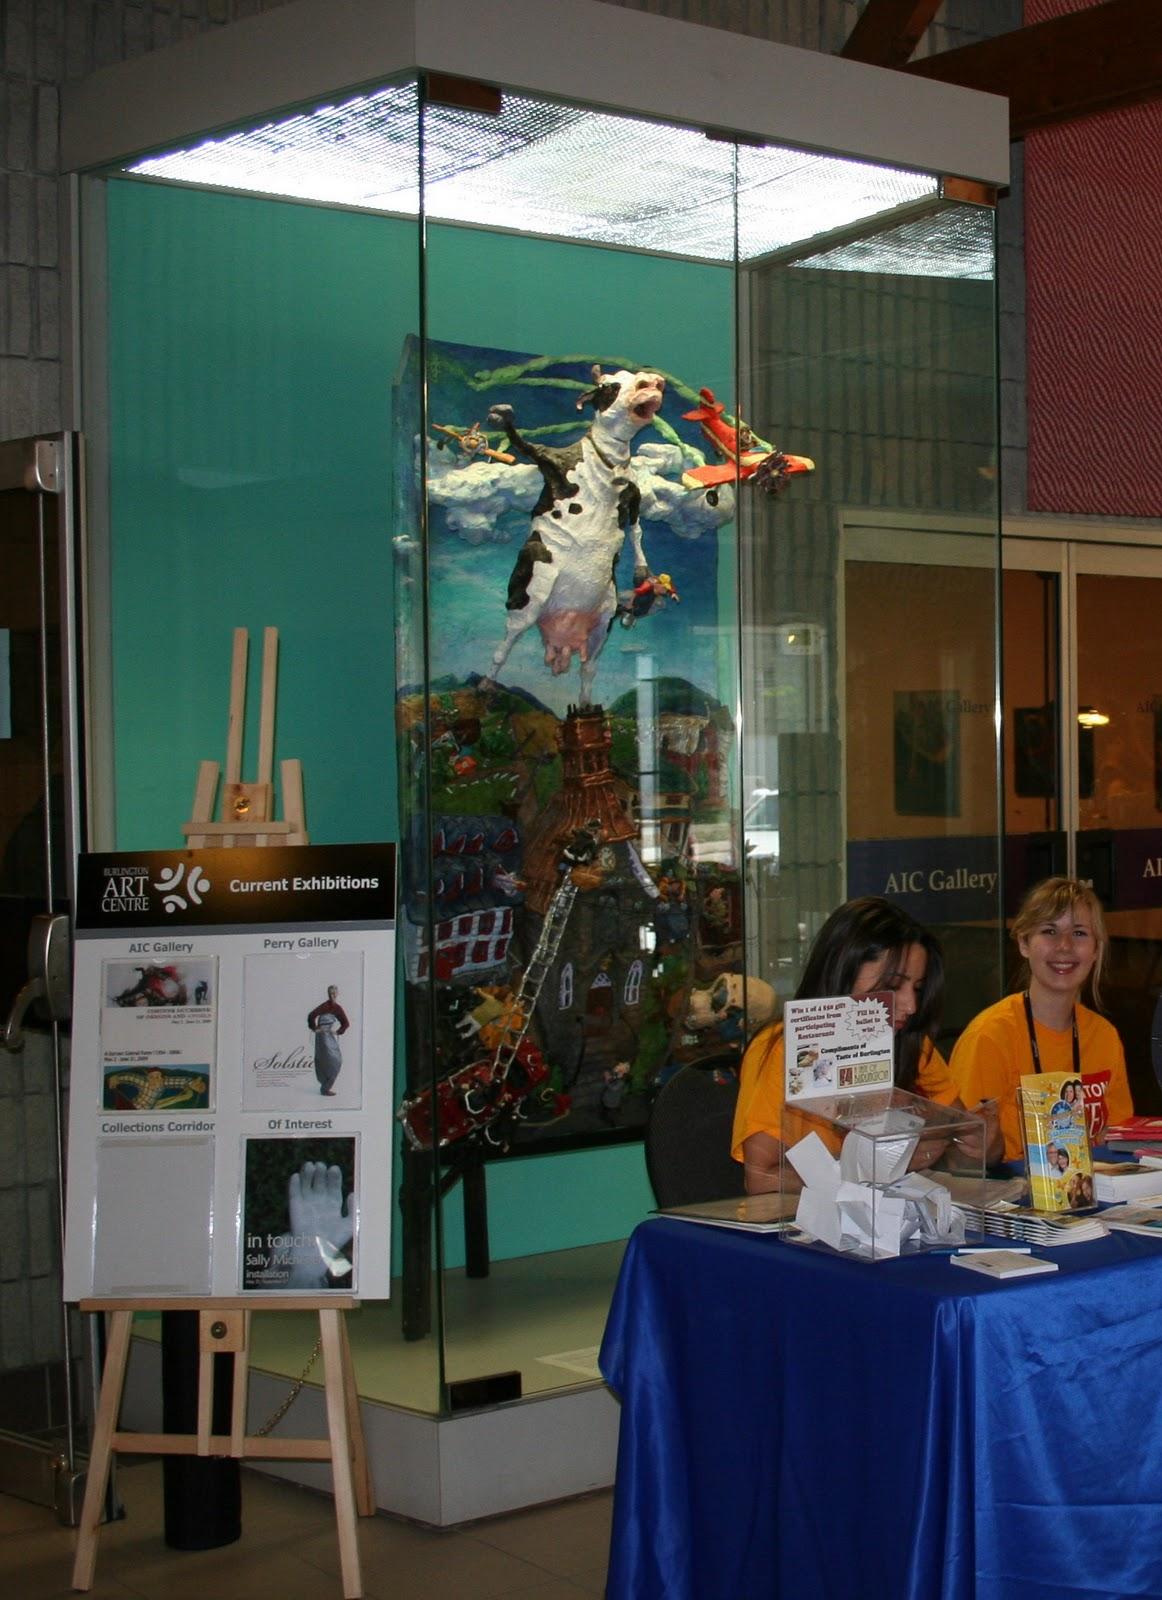 The Burlington Arts Centre - Tourism Burlington Tourism Burlington